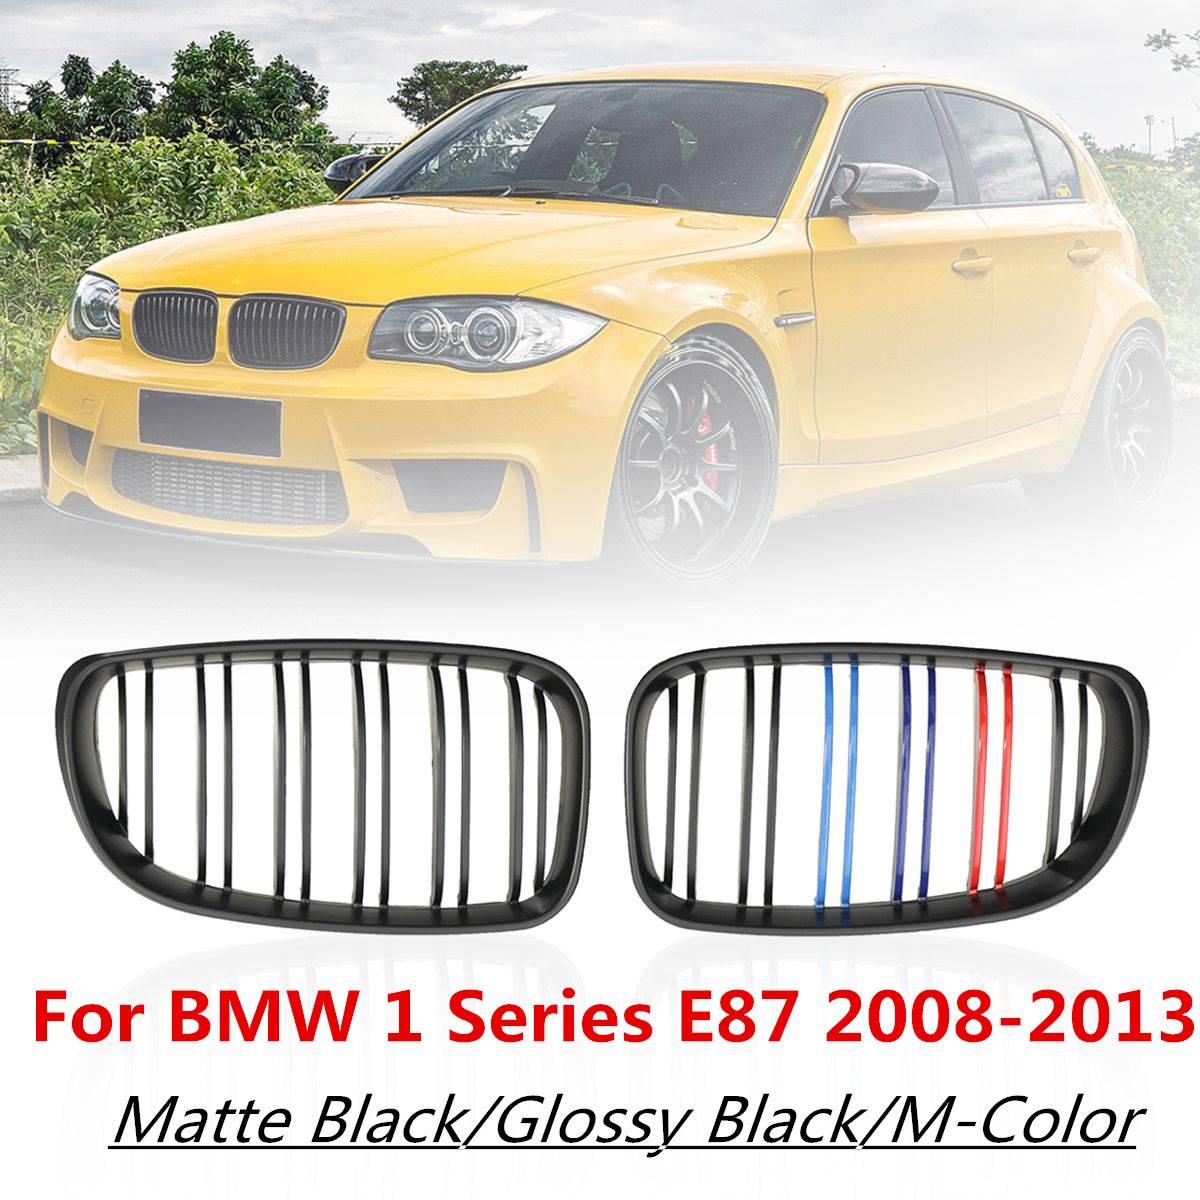 Paire ABS Double ligne 2 lattes m-color pare-chocs avant rein Grilles de course pour BMW série 1 E81 E82 E87 E88 facelifté LCI 2008-2013